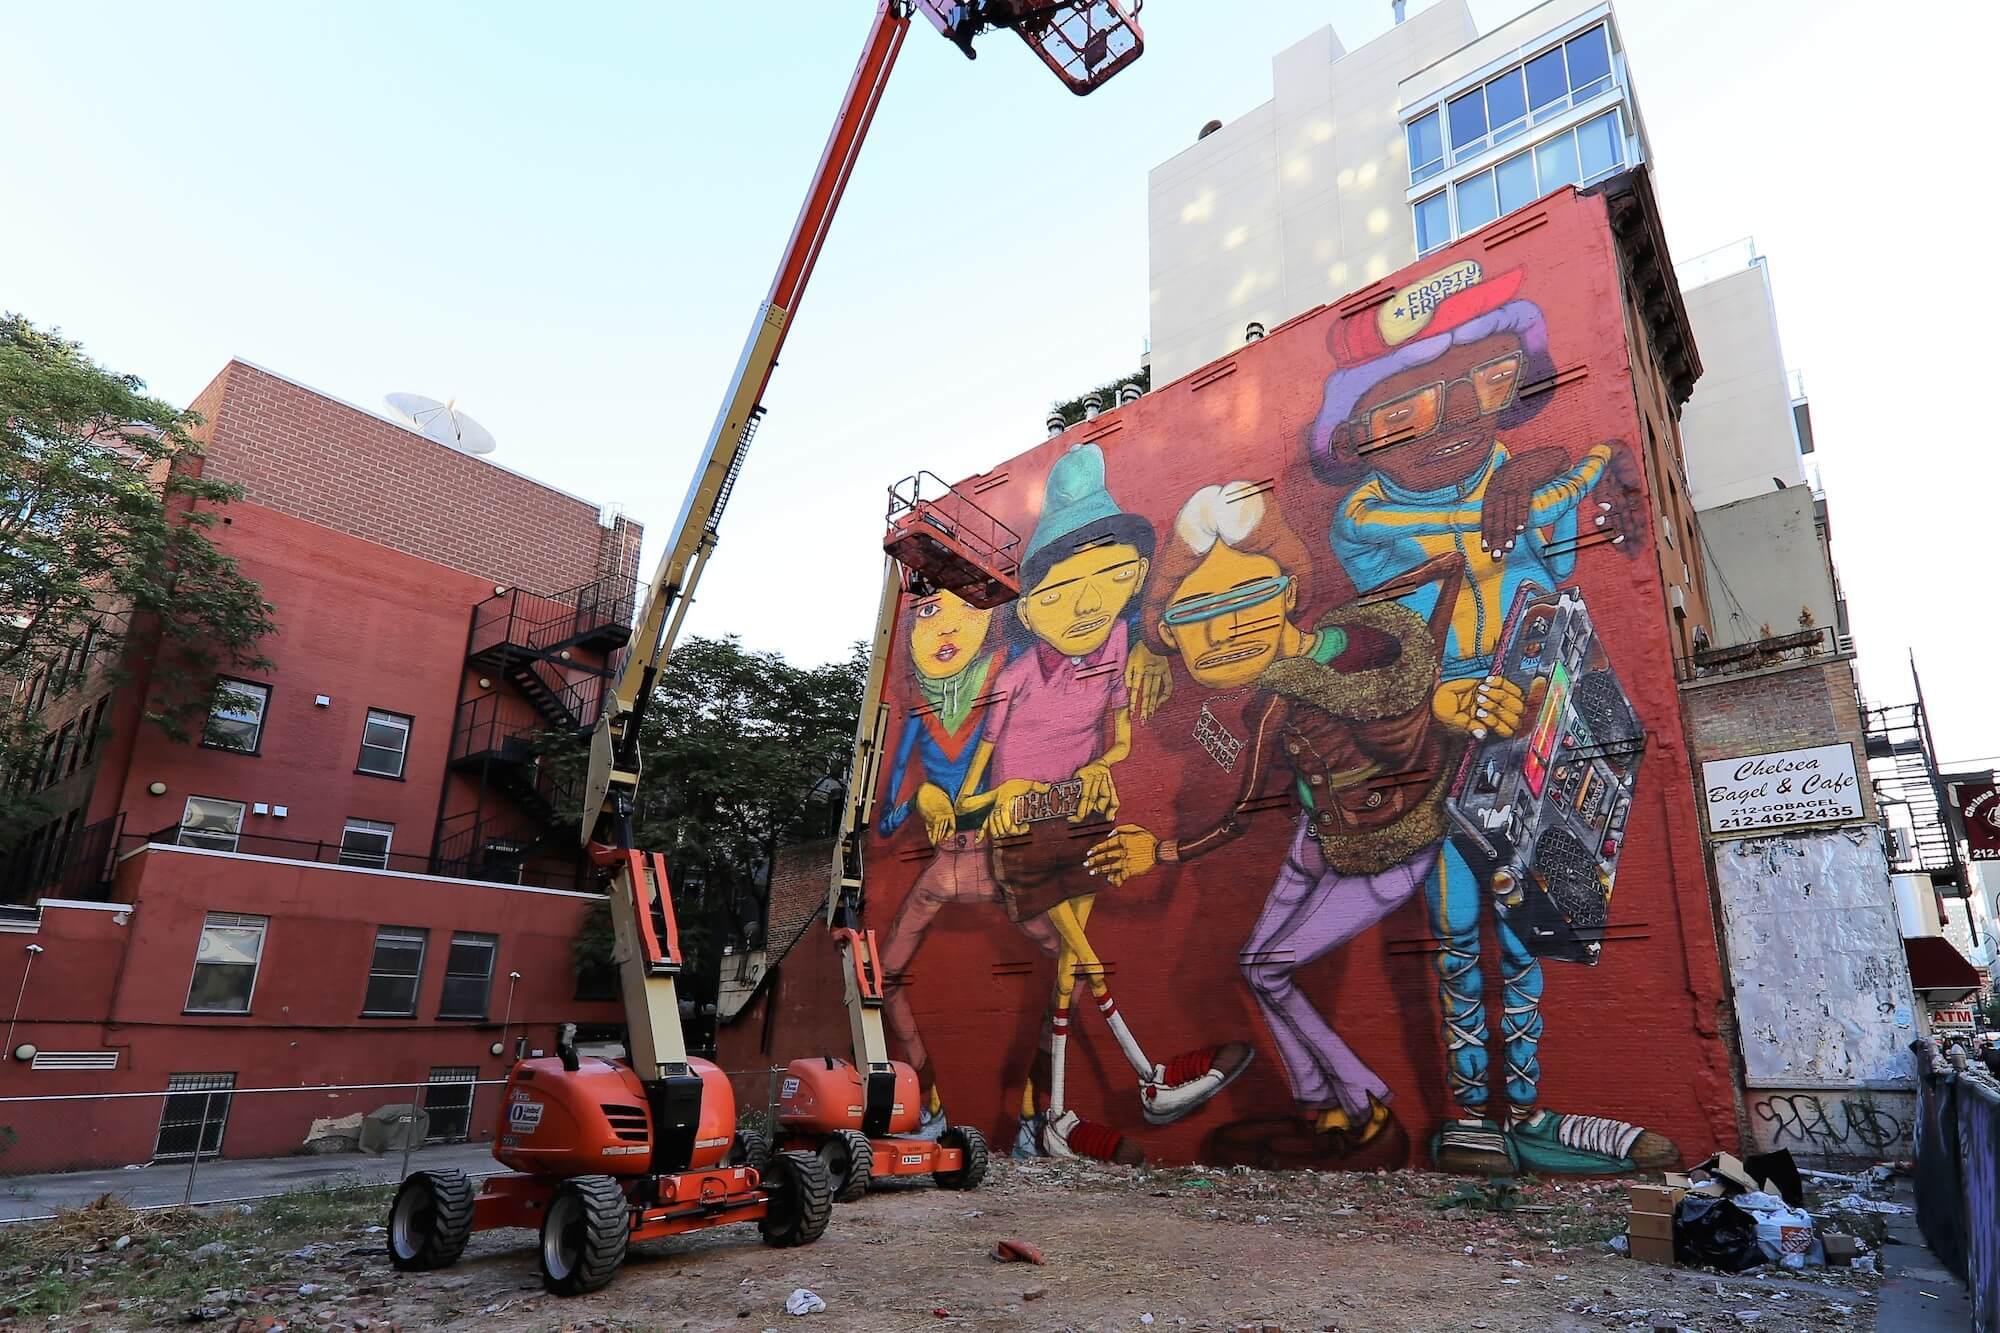 os-gemeos-new-york-graffiti-street-art-hip-hop-martha-cooper-pc-just-a-spectator-32